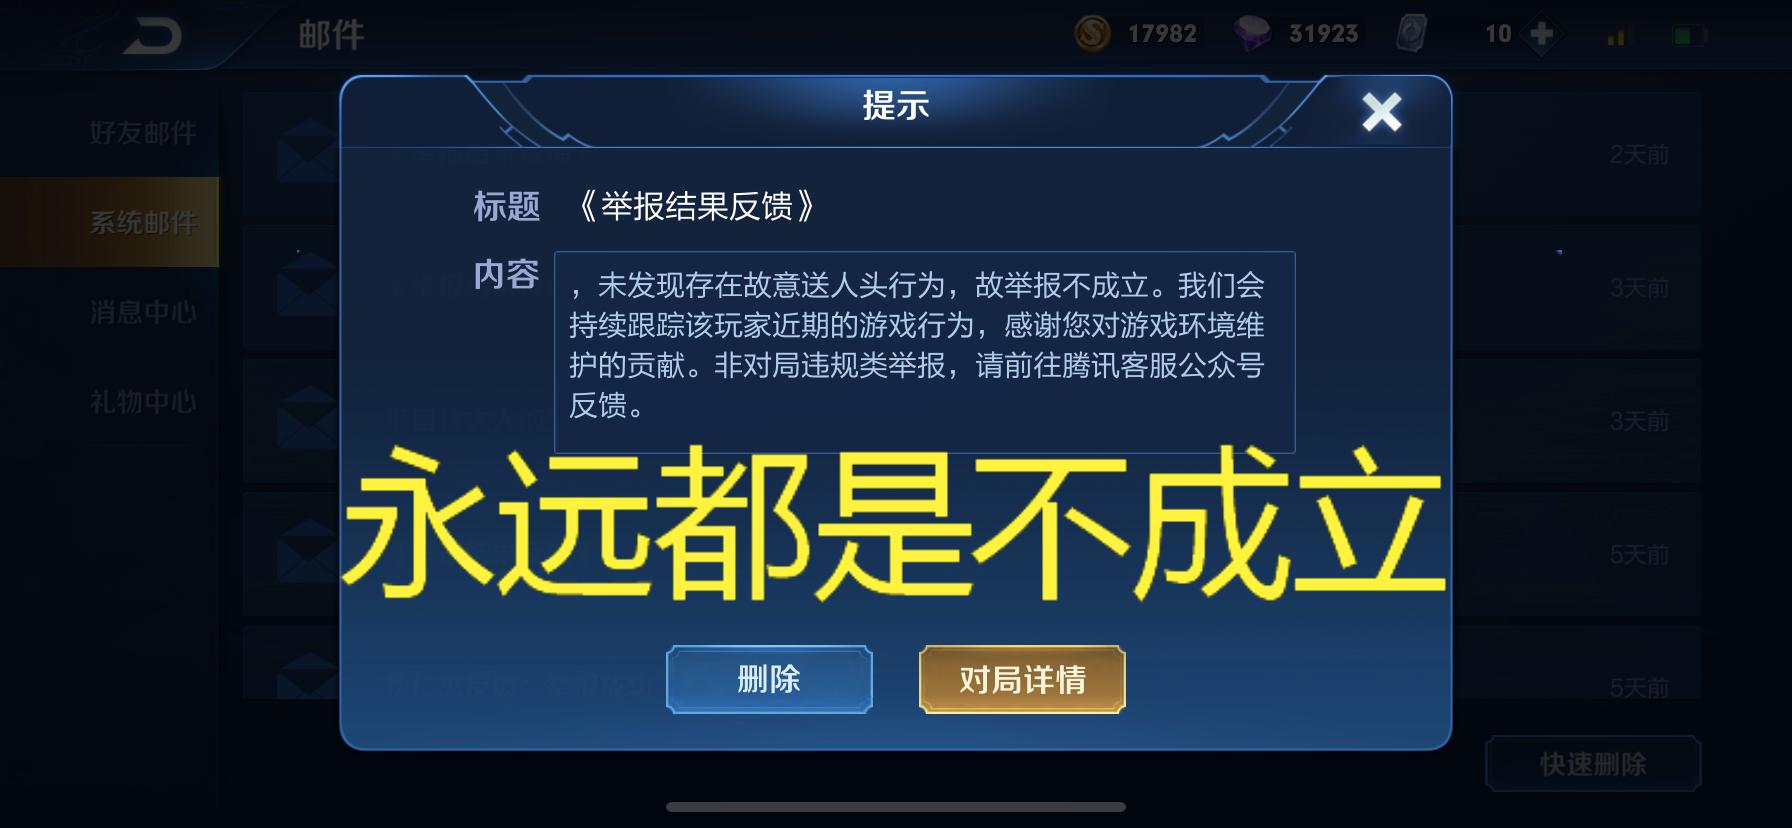 《【煜星娱乐登录地址】王者:S20大量玩家退游,原因找到了,这两个问题,天美急需解决》